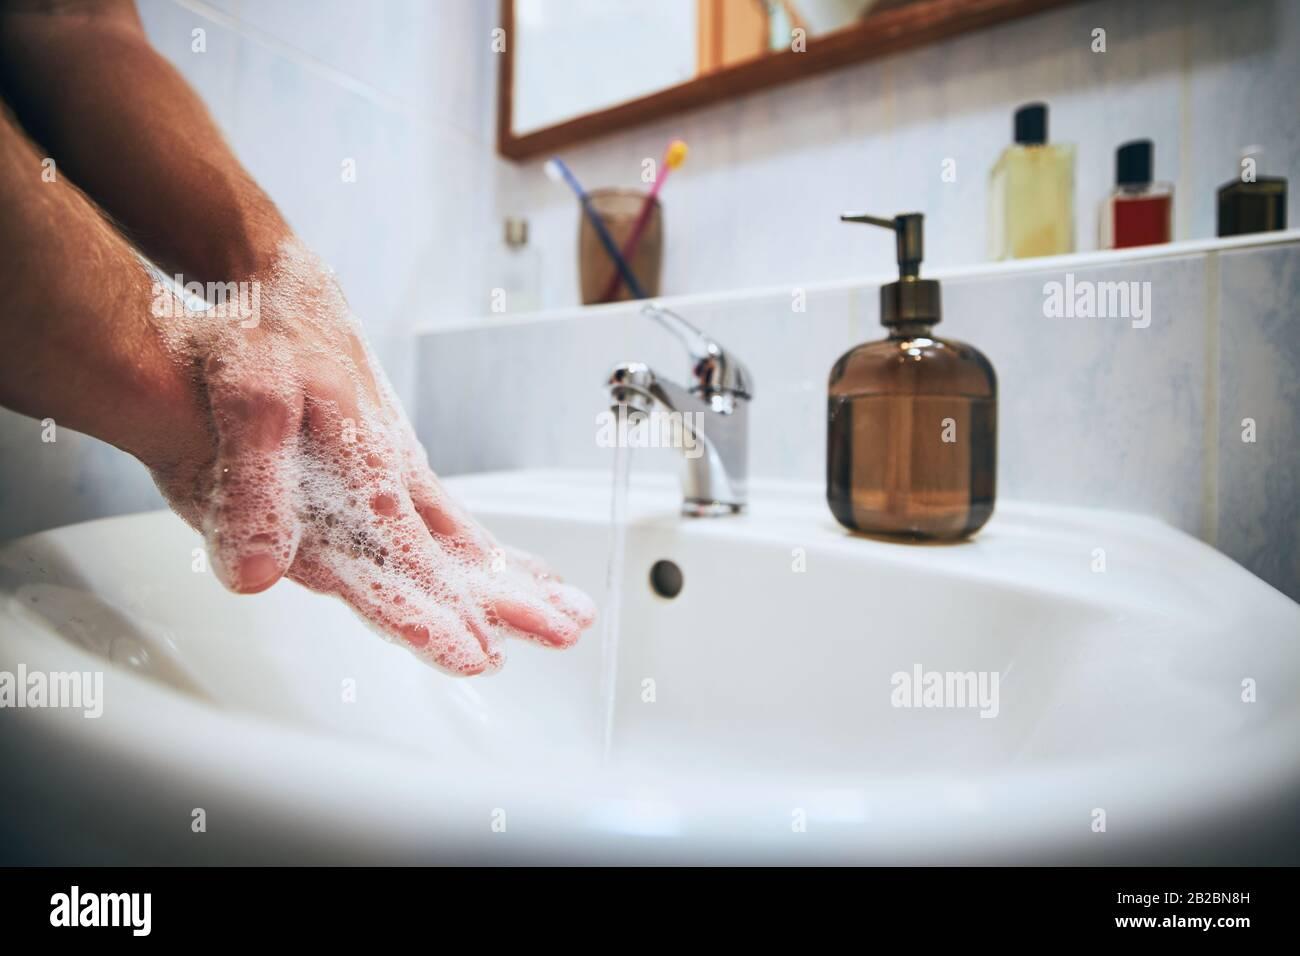 Lavarse las manos en casa en el cuarto de baño. Estilo de vida saludable, higiene y prevención de enfermedades virales y bacterianas. Foto de stock